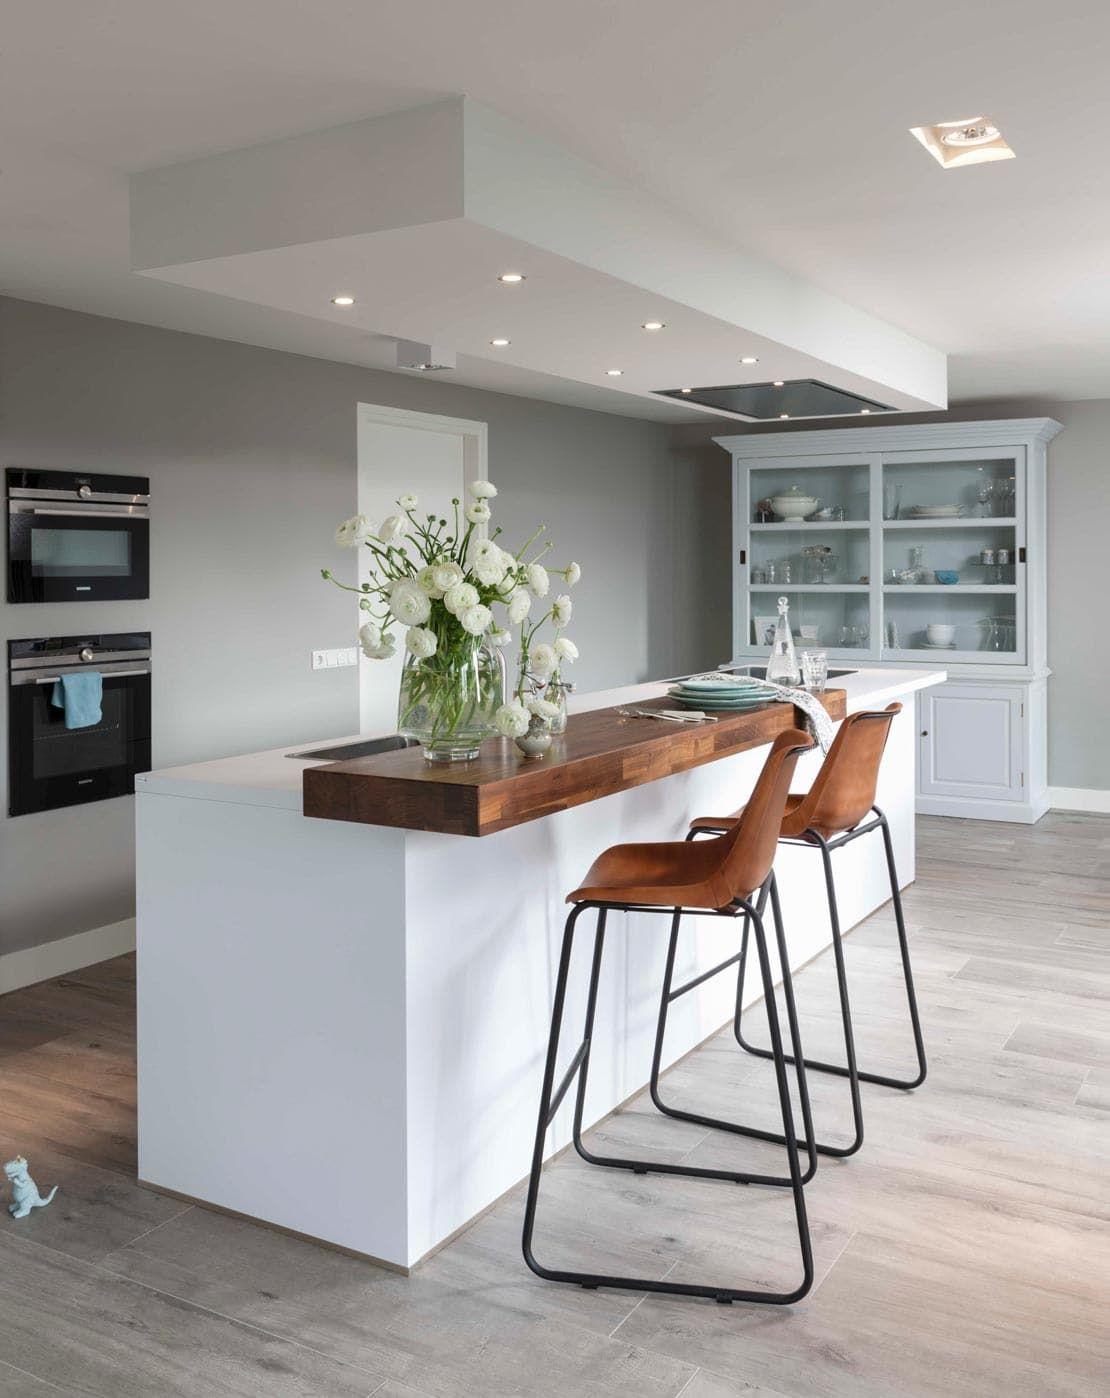 Küchen Tresen Bar  Küchenblock Mit Integriertem Tresen #barhocker